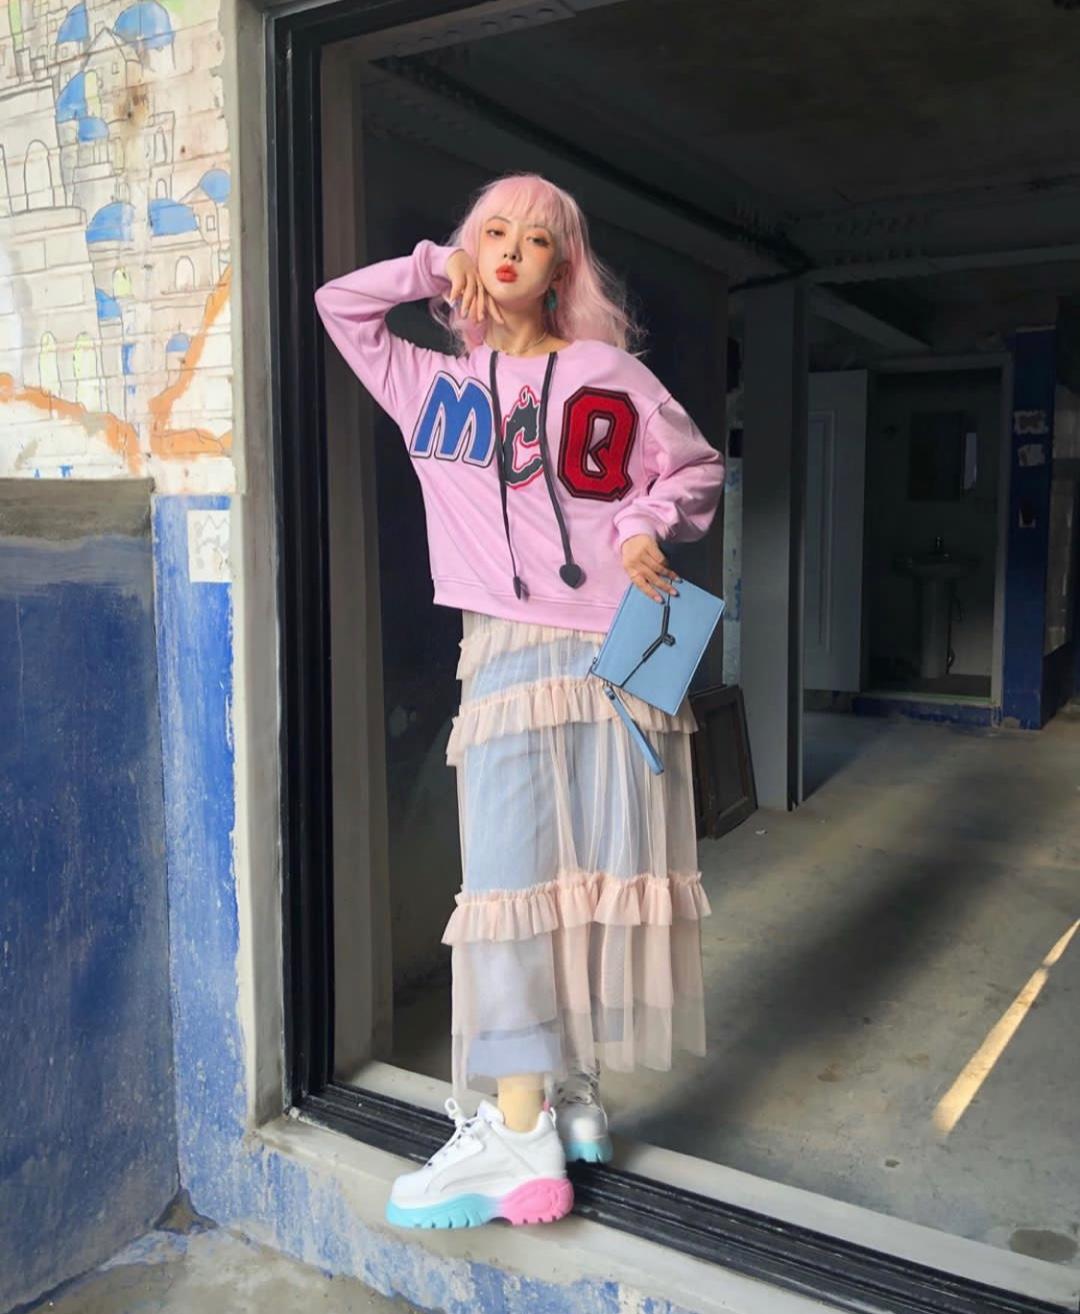 #夏日甜系斩男风品牌5.24上新# 敢于挑战色彩彰显个性,色彩搭配的好文艺感瞬间up up !